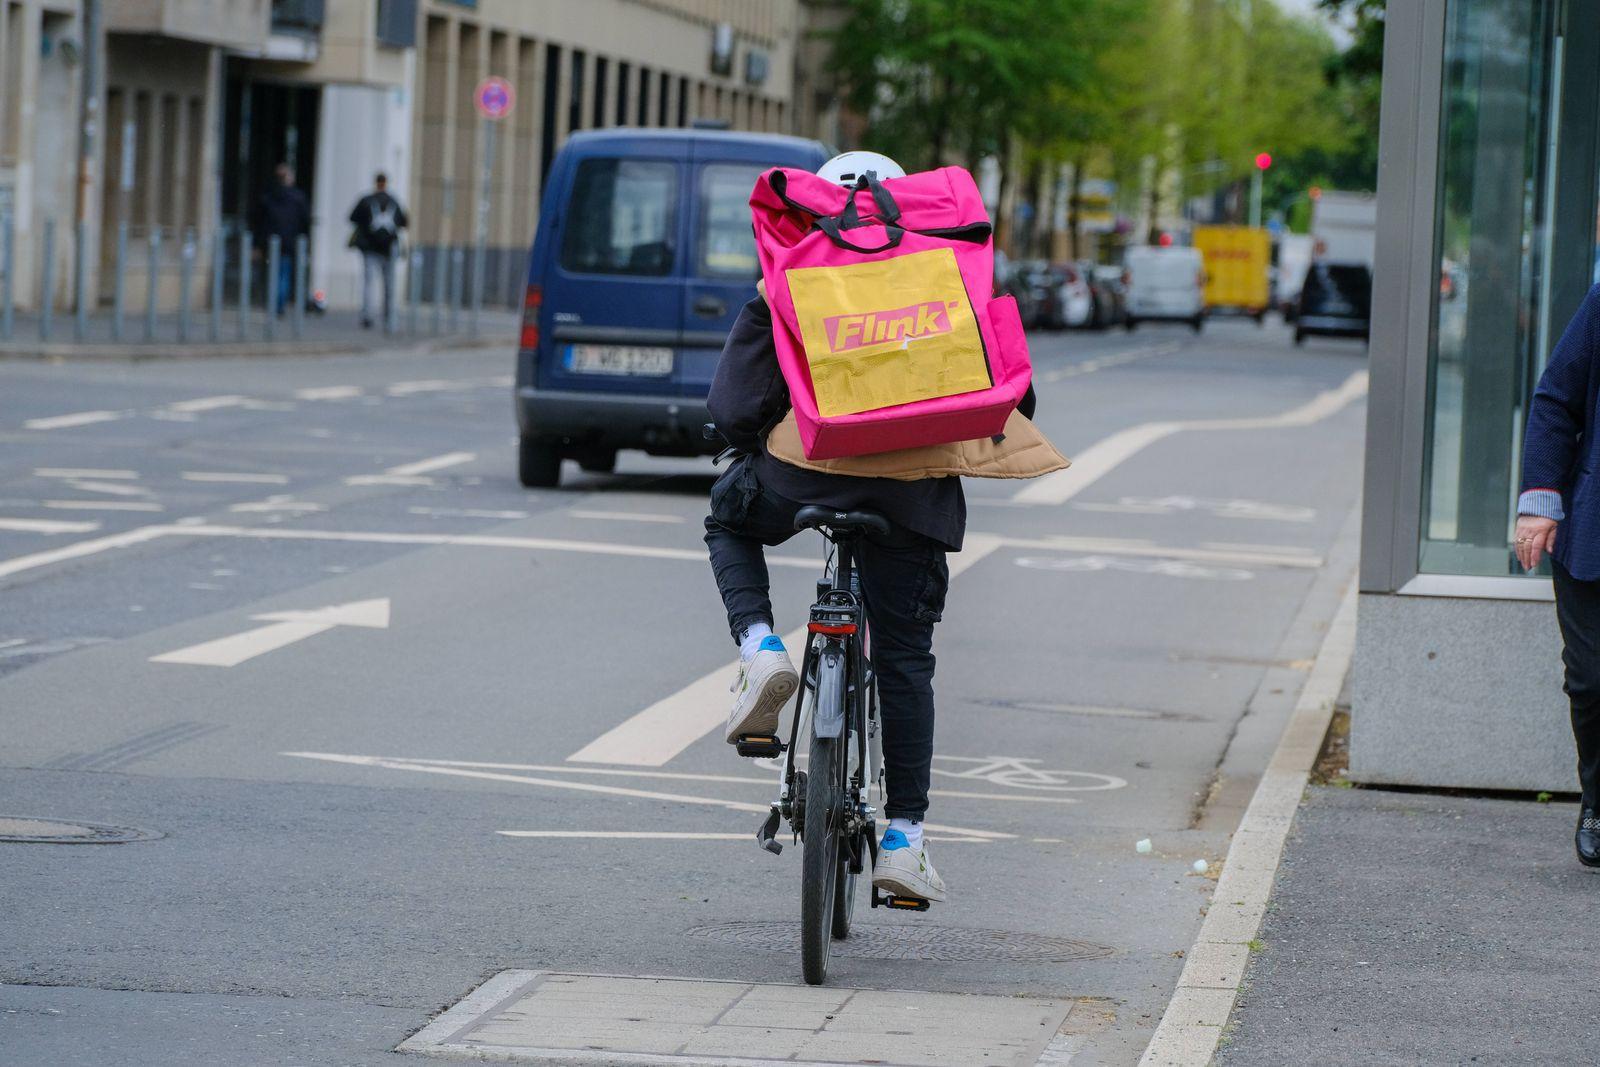 Düsseldorf 10.05.2021 Flink frisches Obst und Gemüse in Bio-Qualität Supermarkt Radfahrer Lieferdienst Lieferfahrer Cor